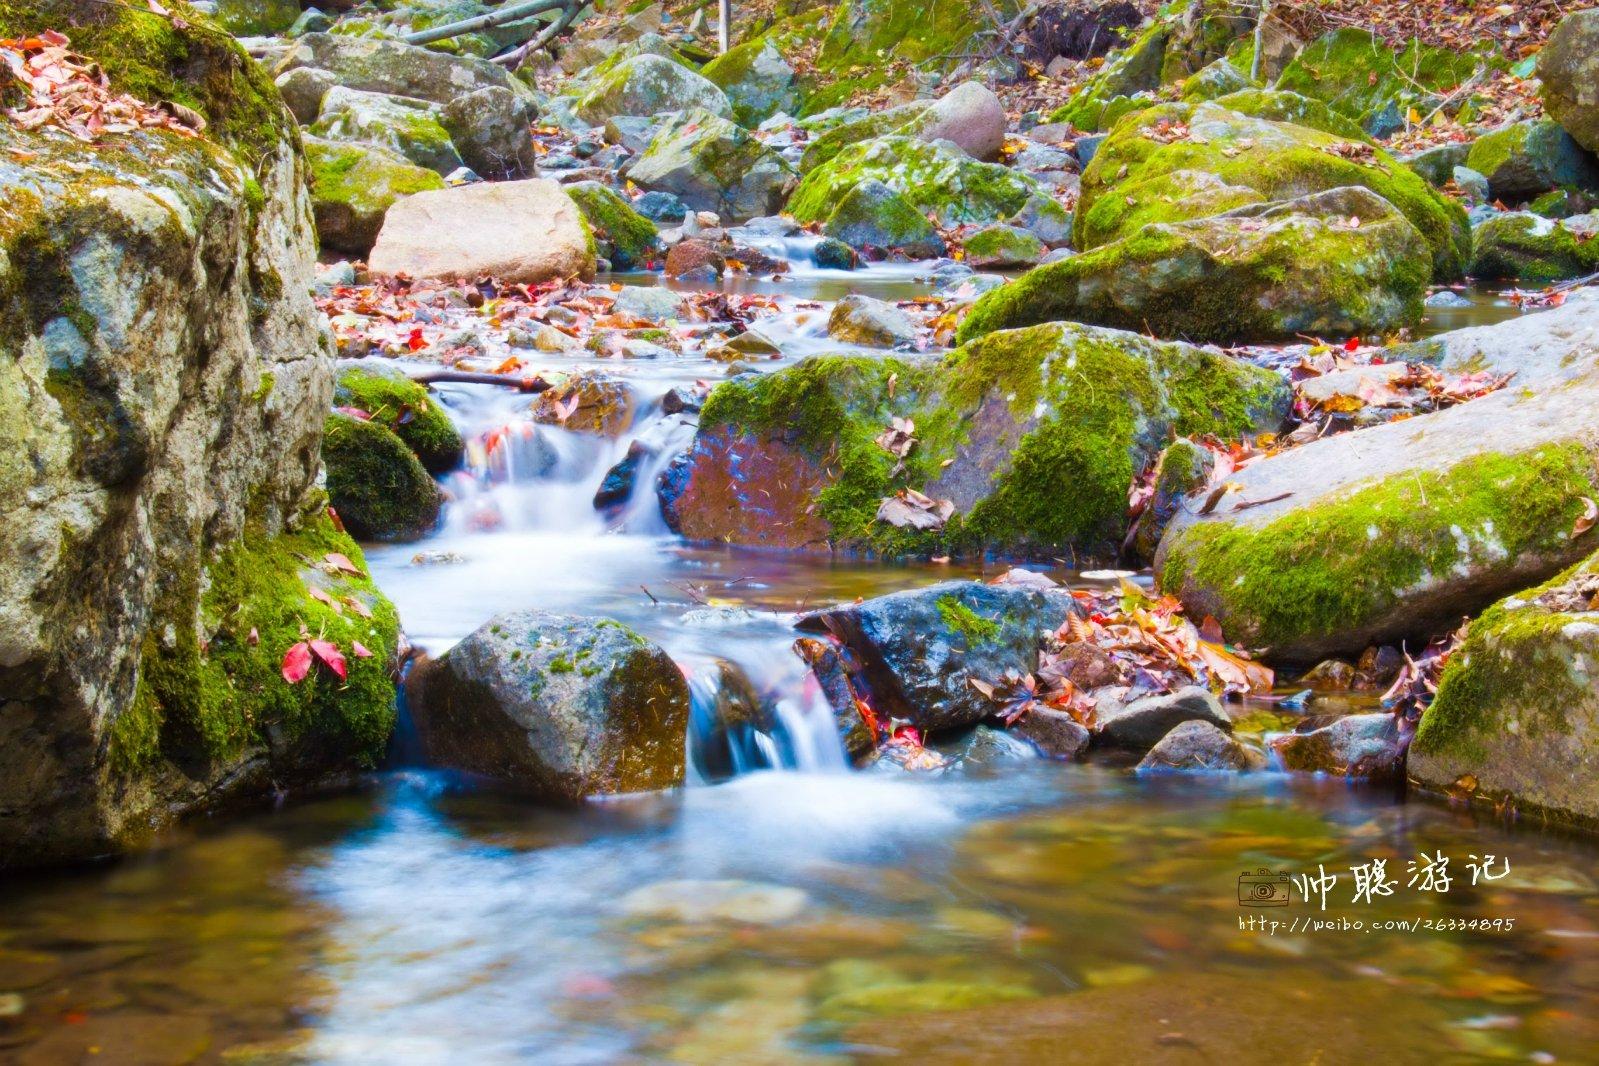 绿石奇境,红枫色彩——本溪绿石谷